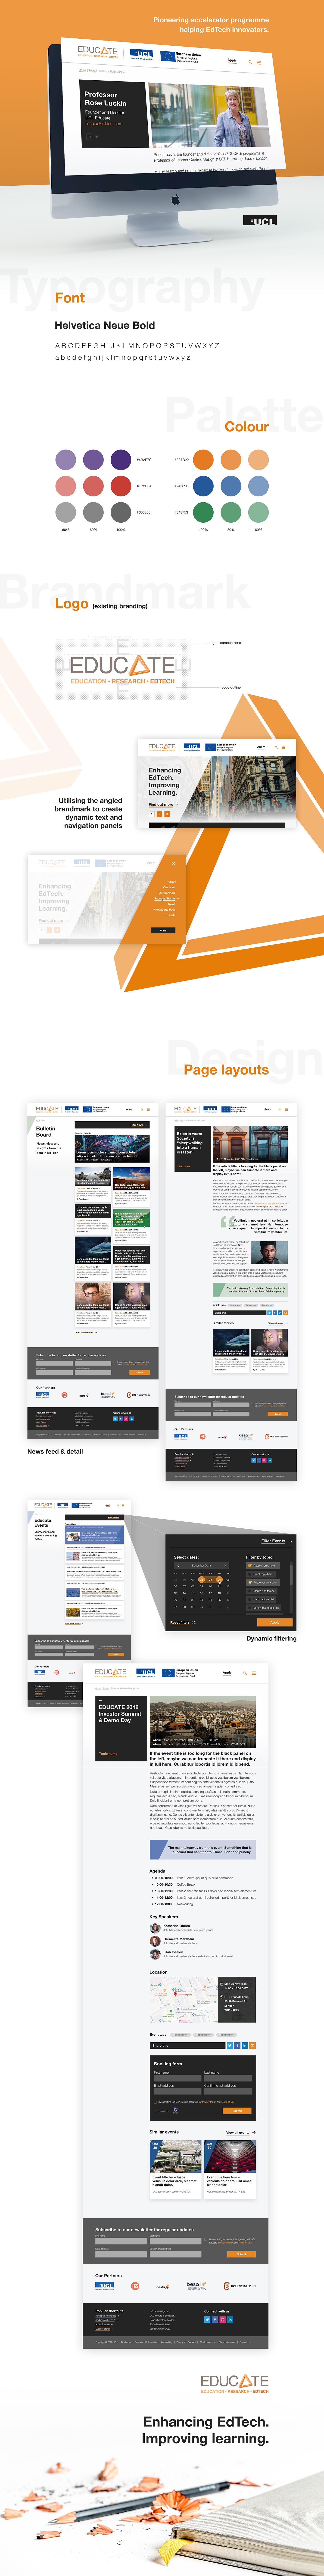 edtech Web Web Design  UI ux Education UCL